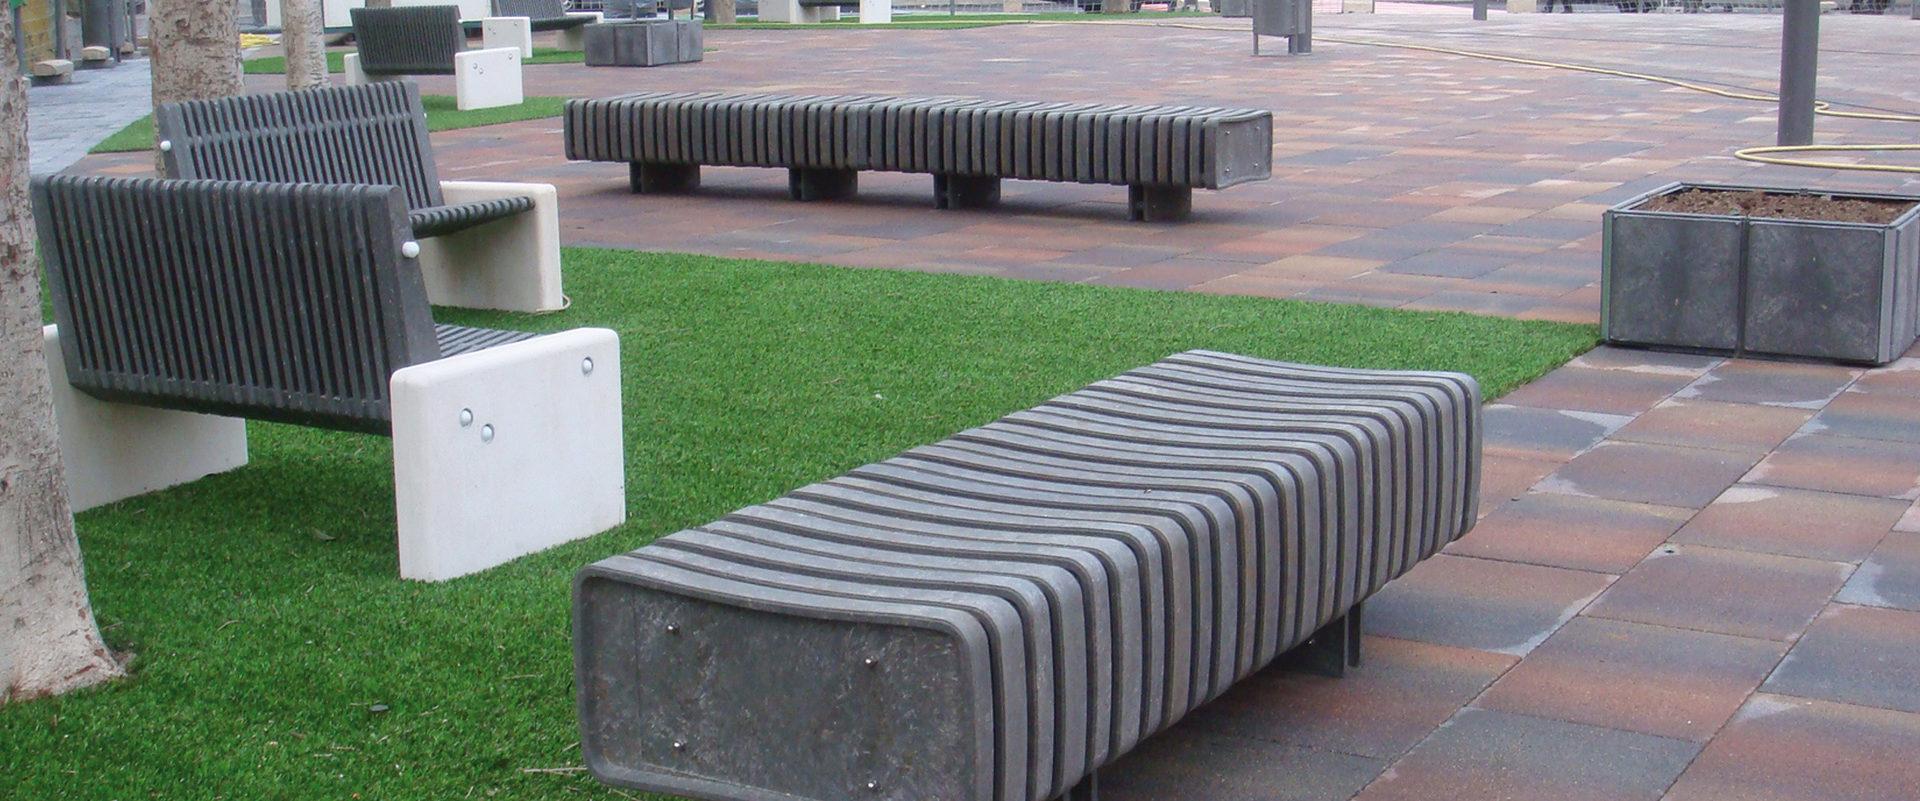 Arredo Urbano In Plastica Riciclata.Elementi In Plastica Riciclata